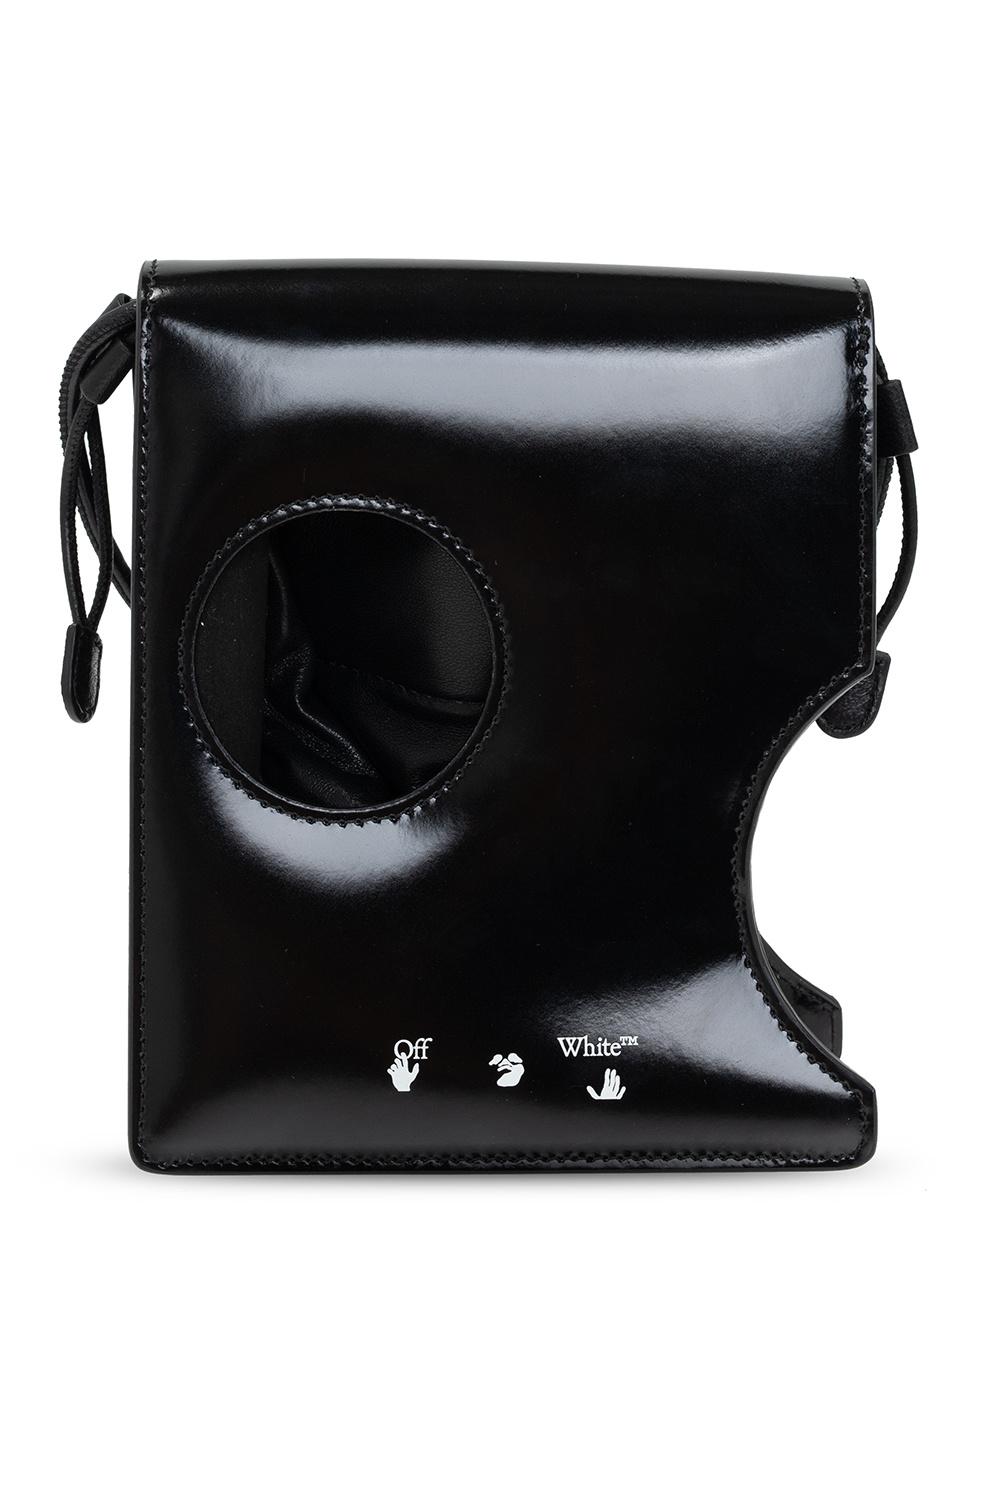 Off-White 'Katsu' shoulder bag